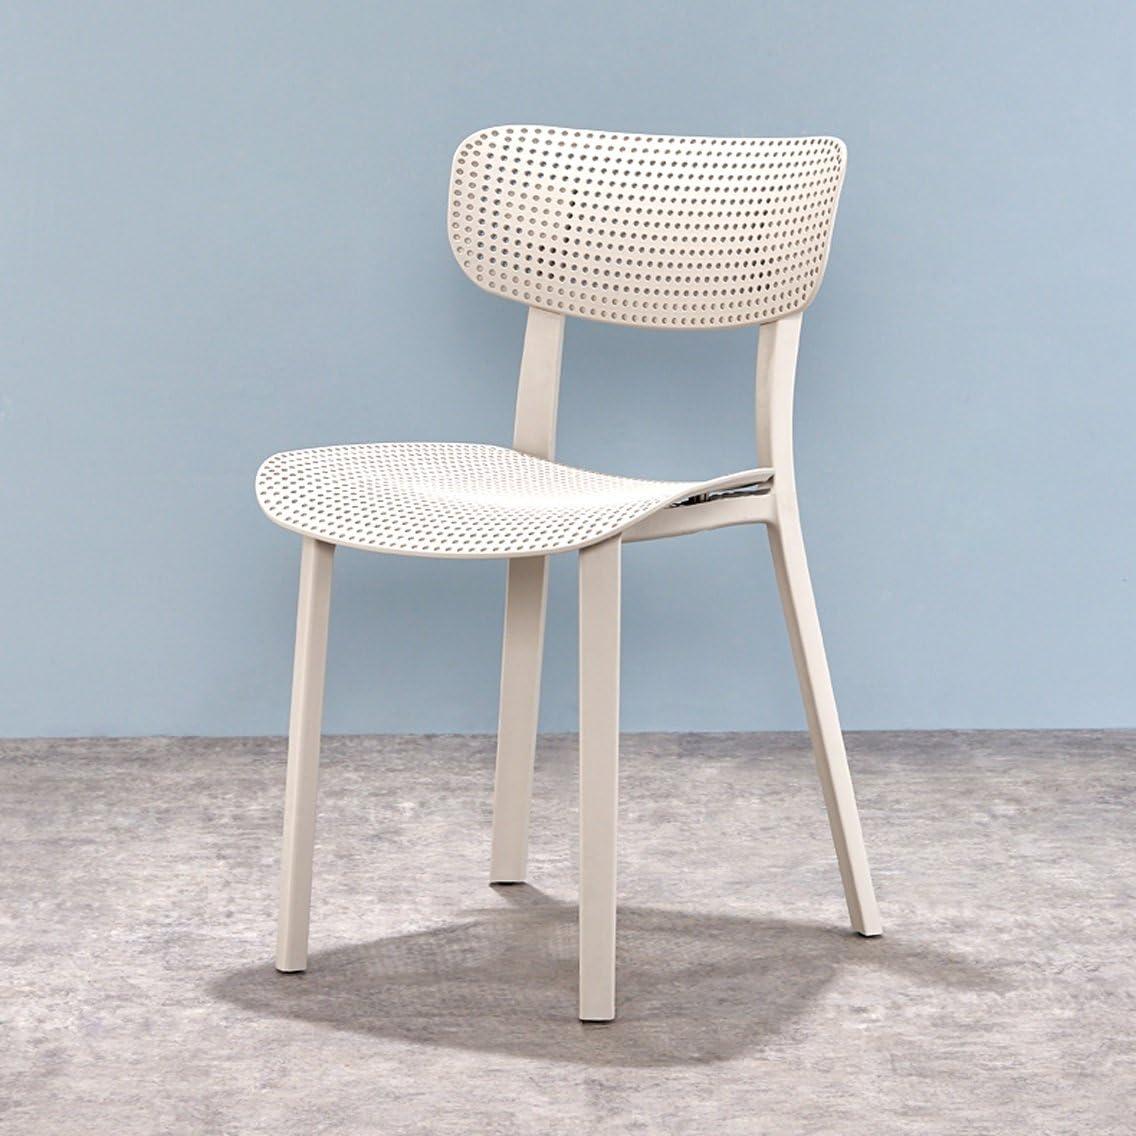 HURONG168 Chaises de cuisine Nordique moderne loisir minimaliste chaise dorsale accueil restaurant café adulte diner chaise siège lounge (Couleur : Blanc) Gray